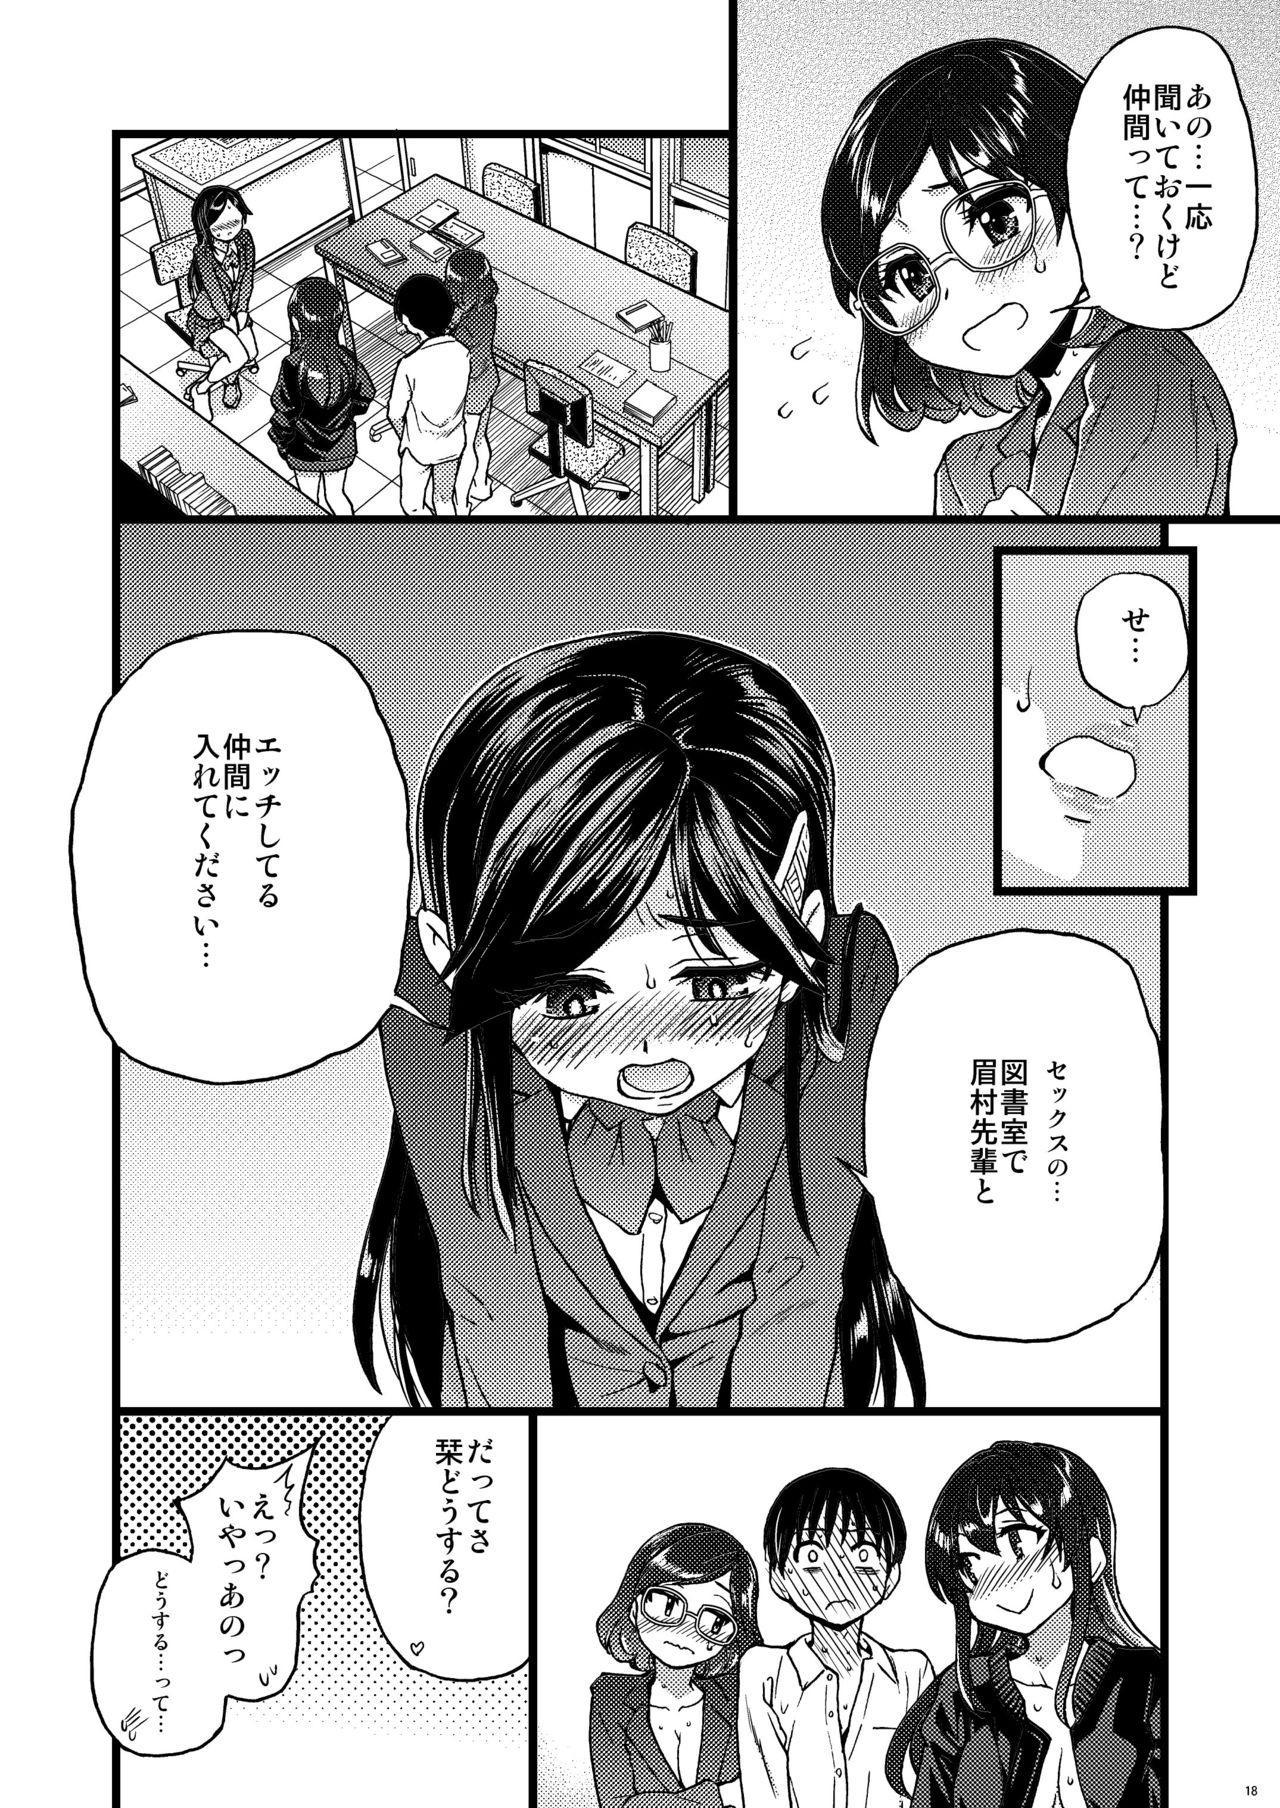 Watashi o Ecchi no Nakama ni Irete kudasai 15